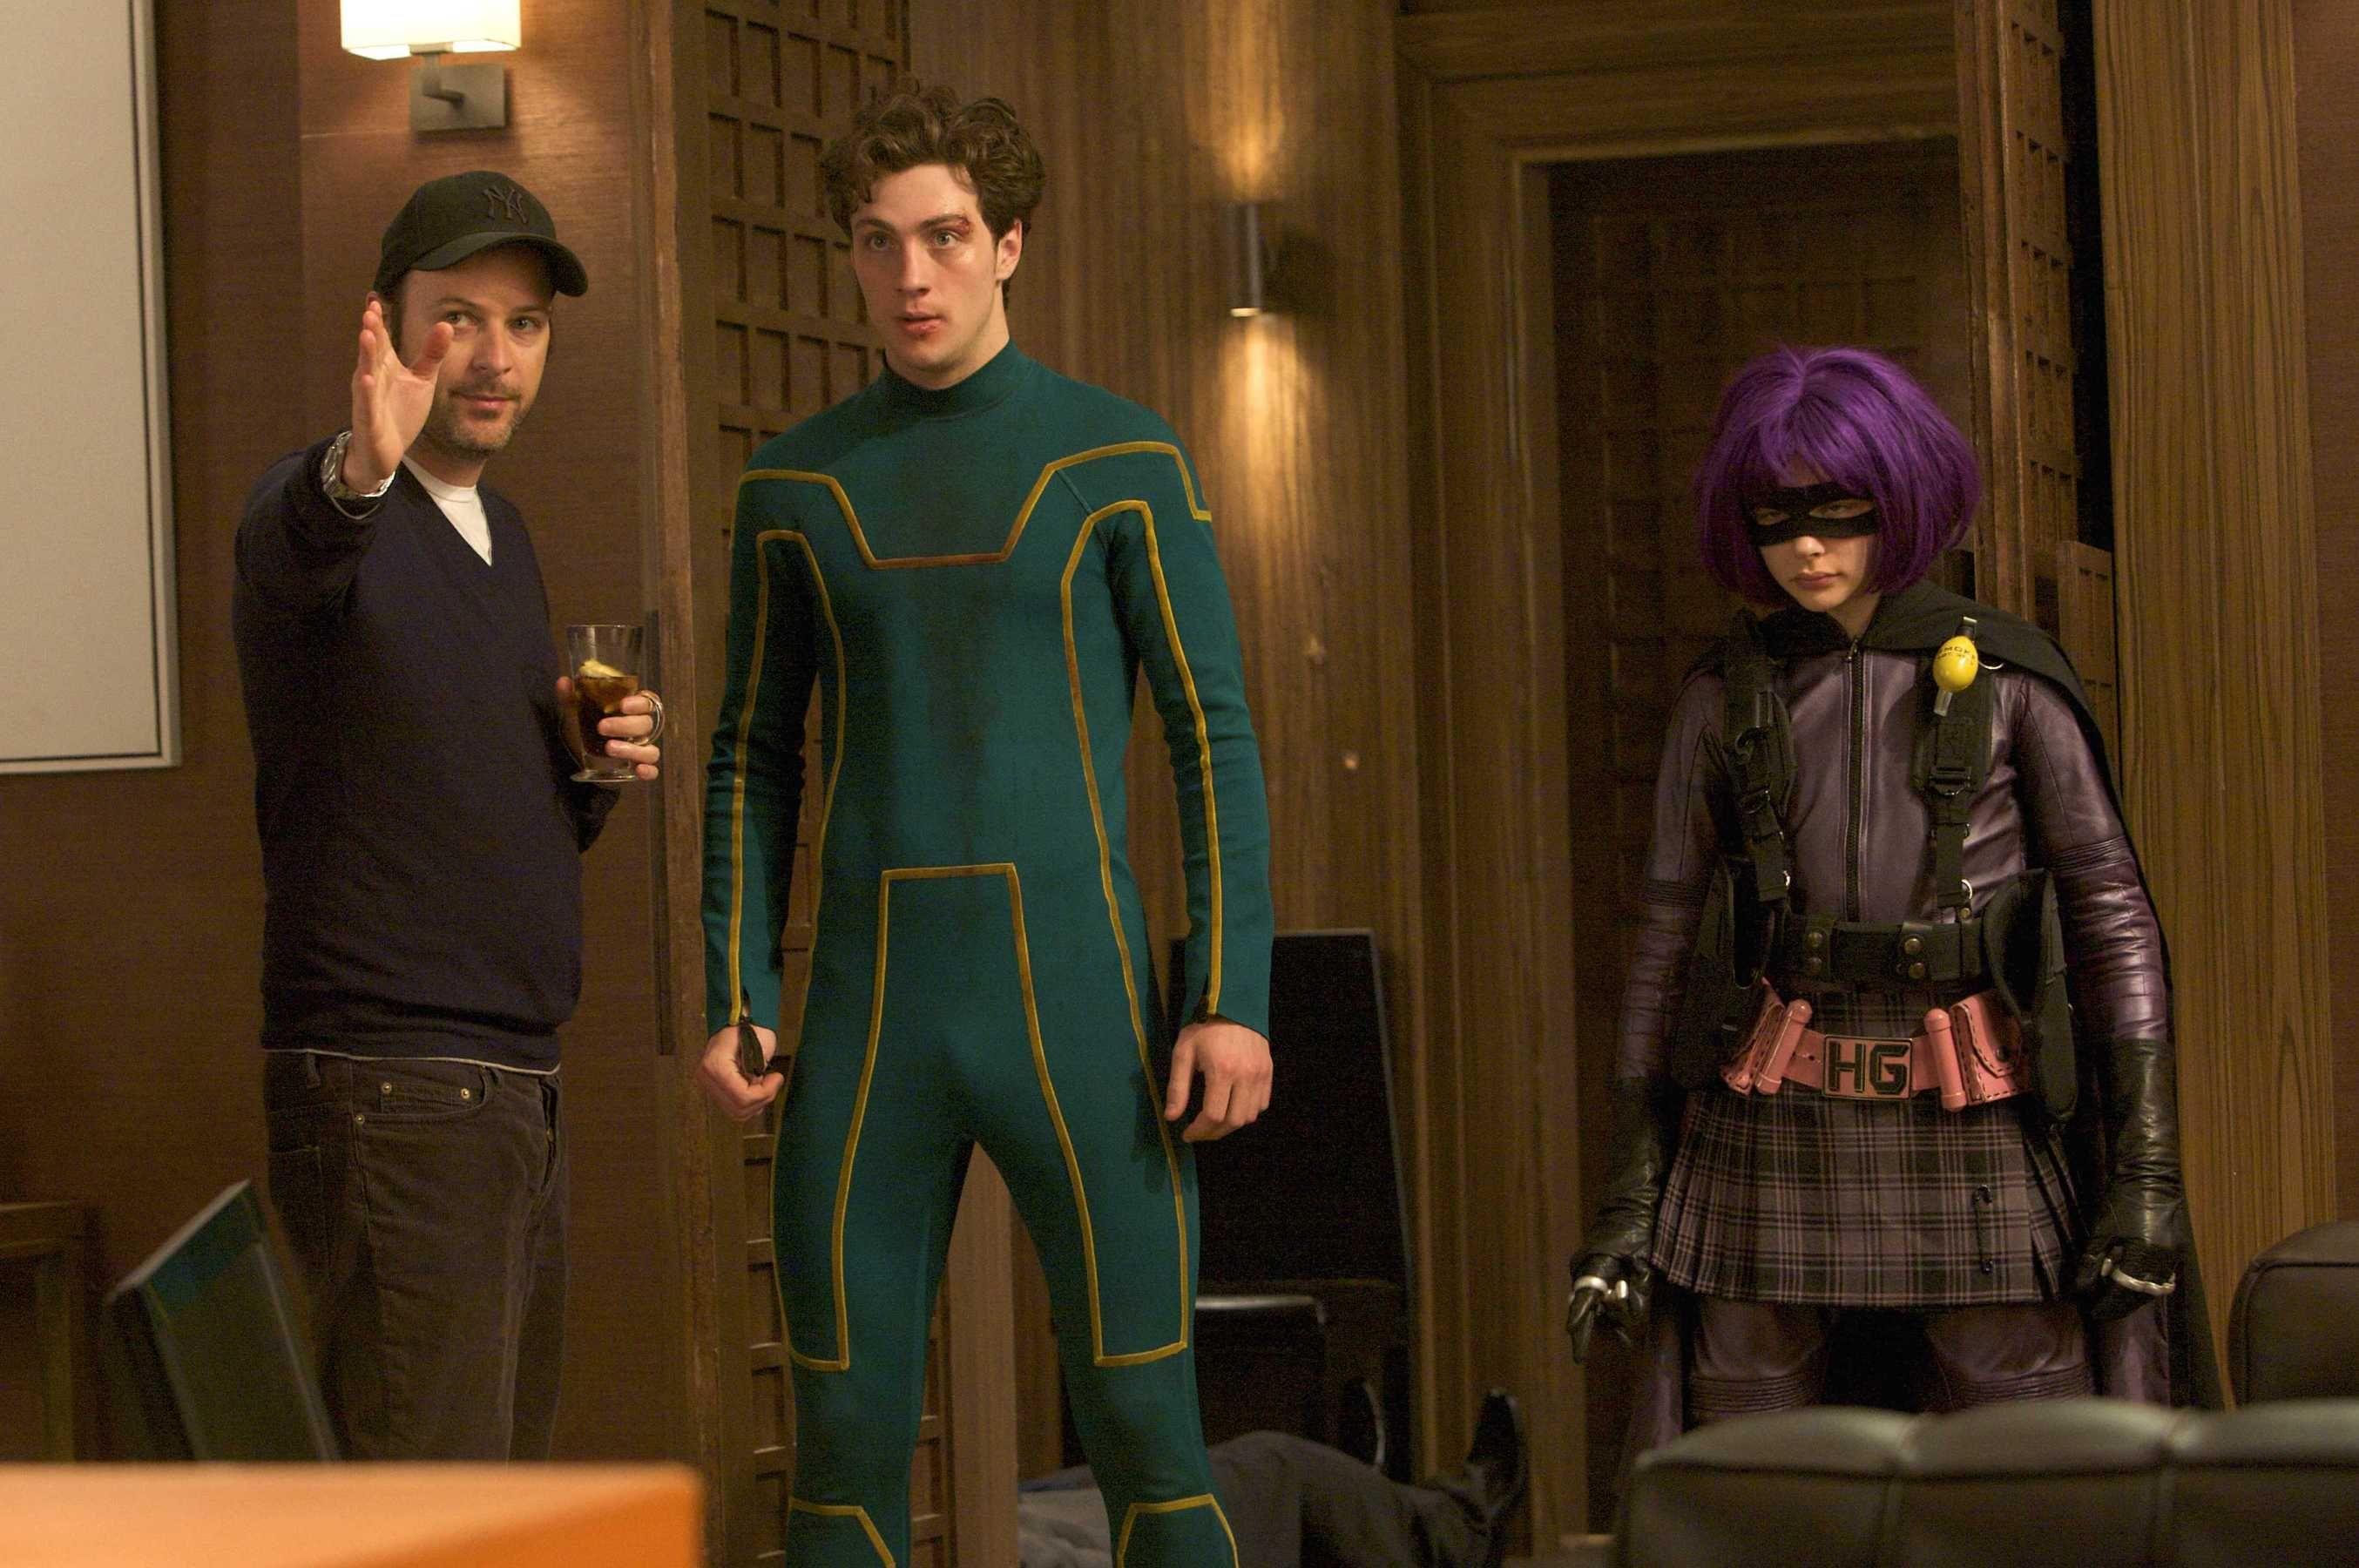 Matthew Vaughn Planning Kick-Ass Reboot, More Kingsman Movies